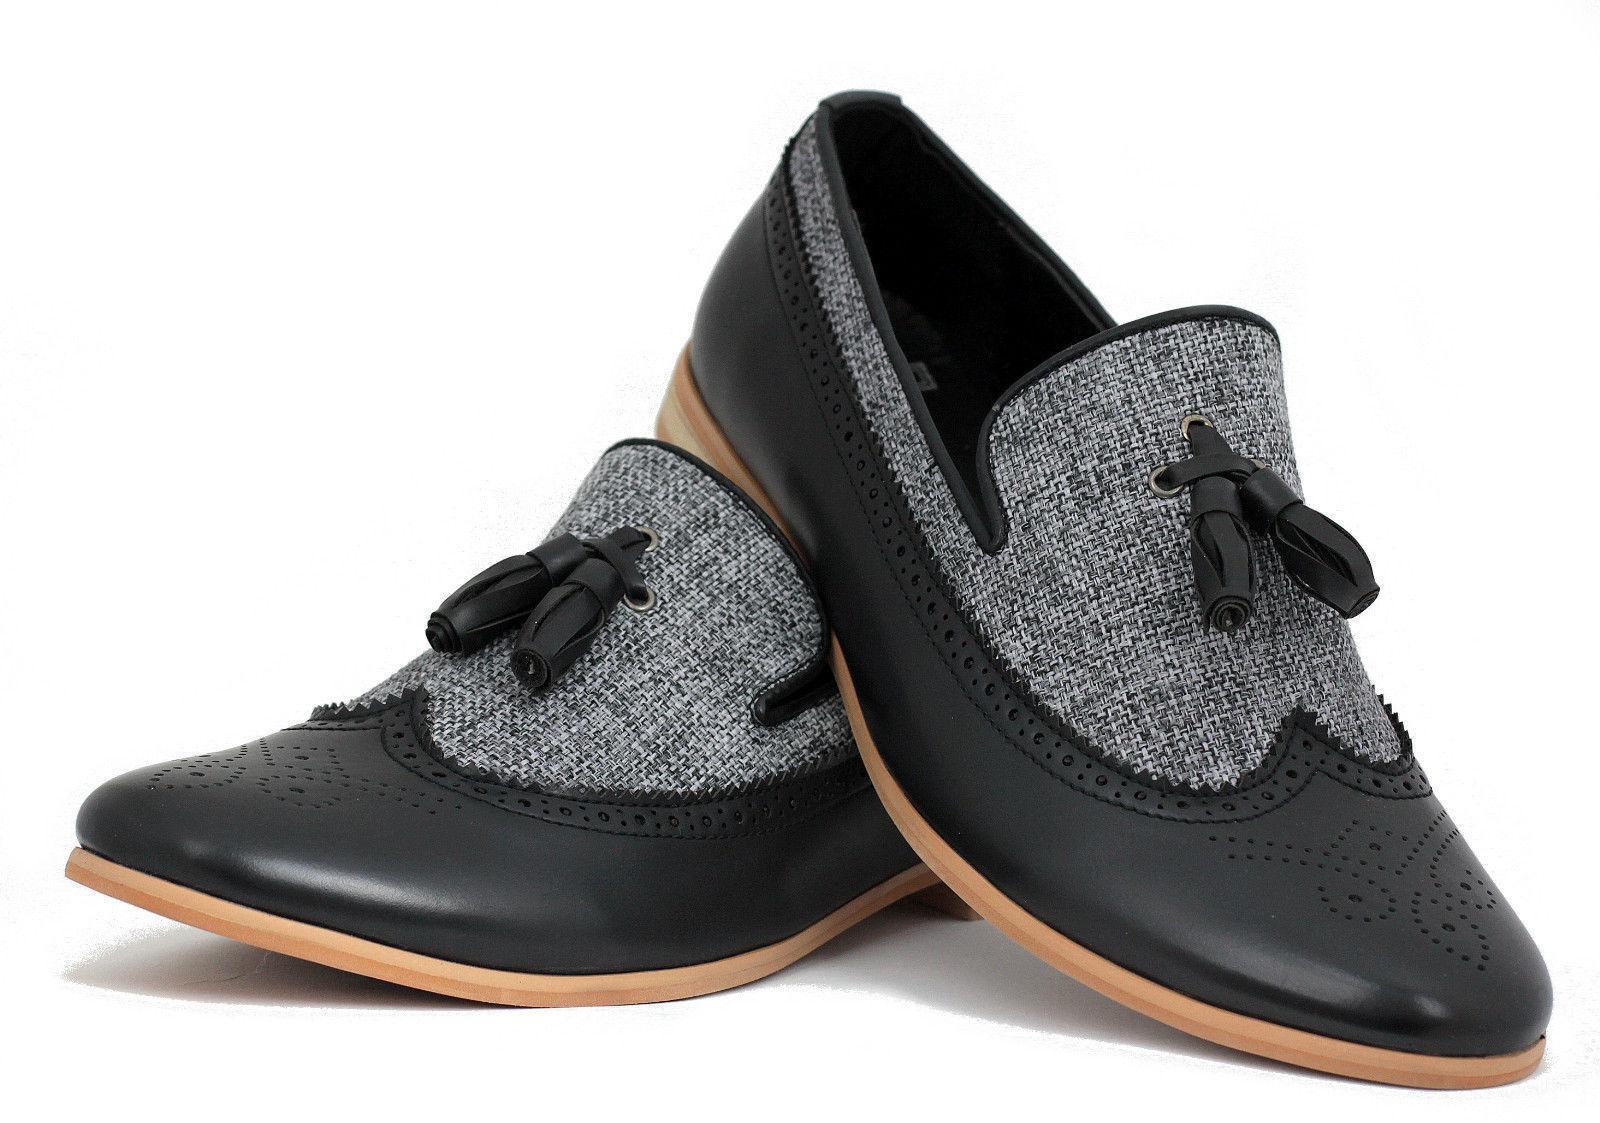 De hombre hecho a mano formal dos tonos de cuero y tela Oxford Brogue punta del ala Slip Ons